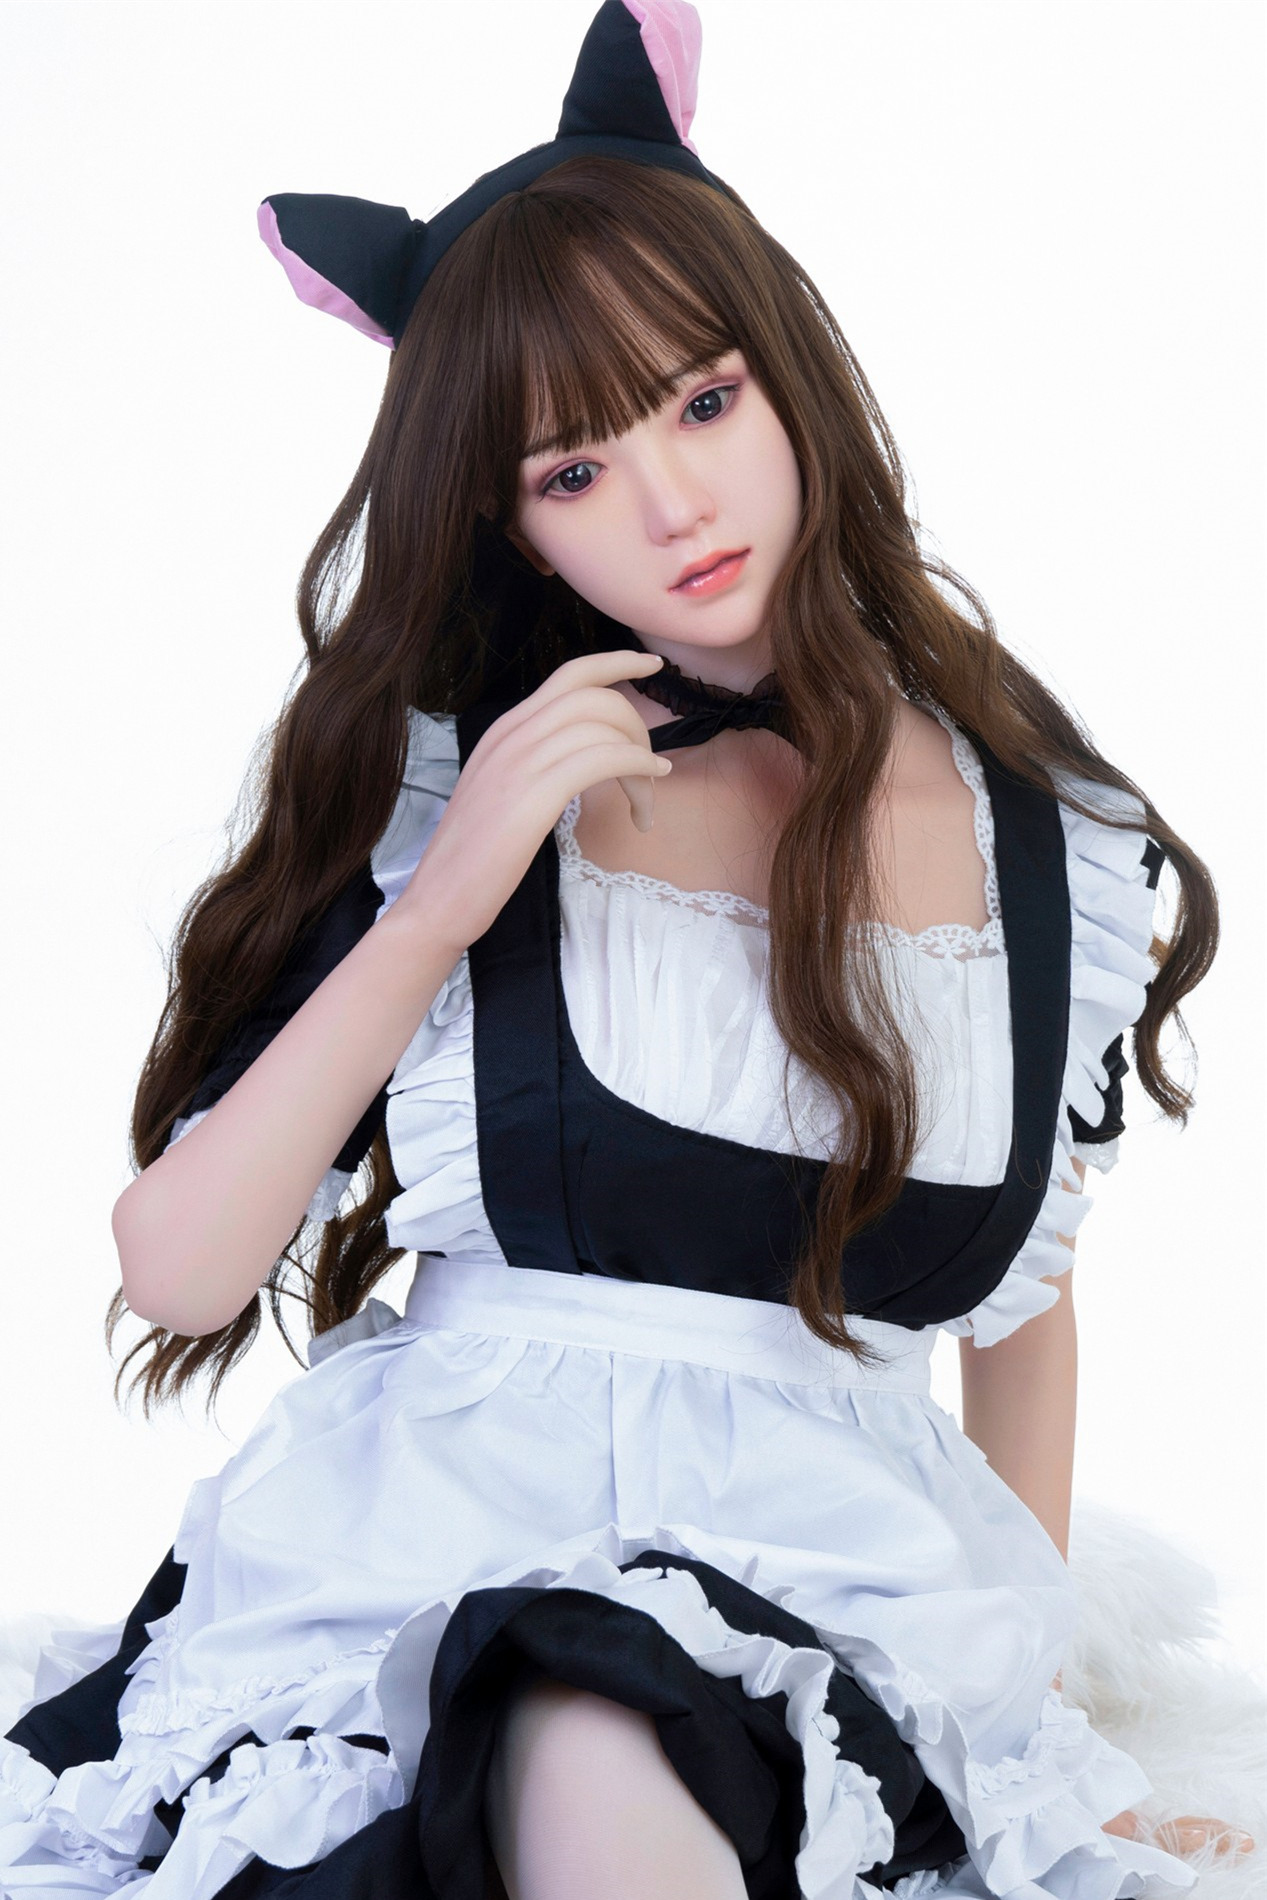 Real Girl ラブドール 157cm Cカップ R23頭部 TPE材質ボディー ヘッド材質選択可能 メイク選択可能